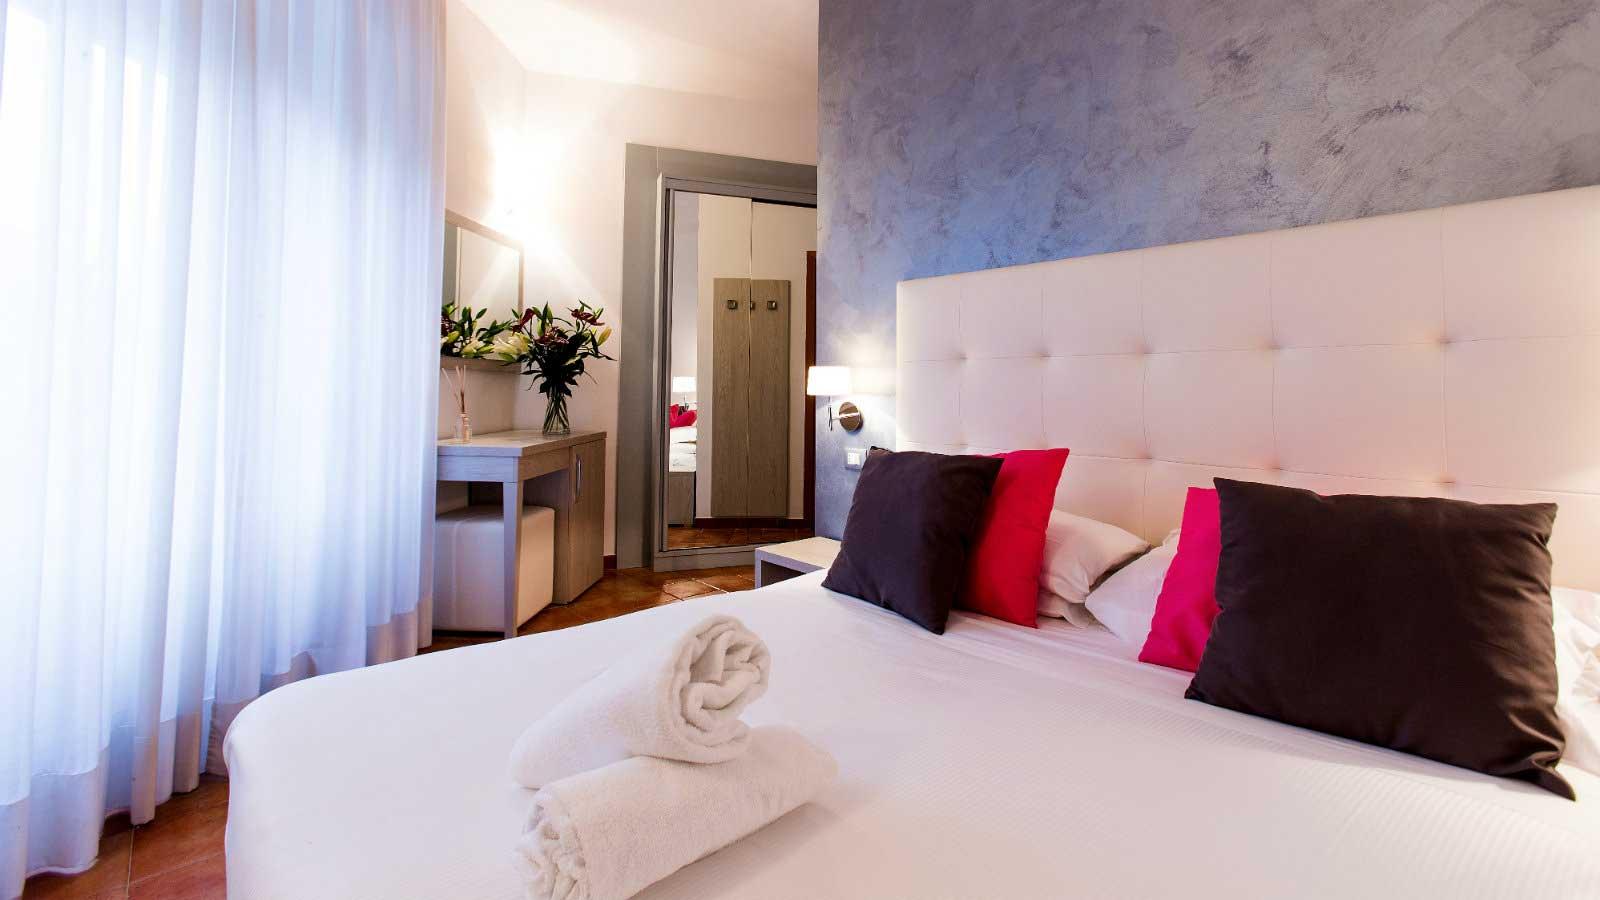 Hotel Gabriella Rome, Italy